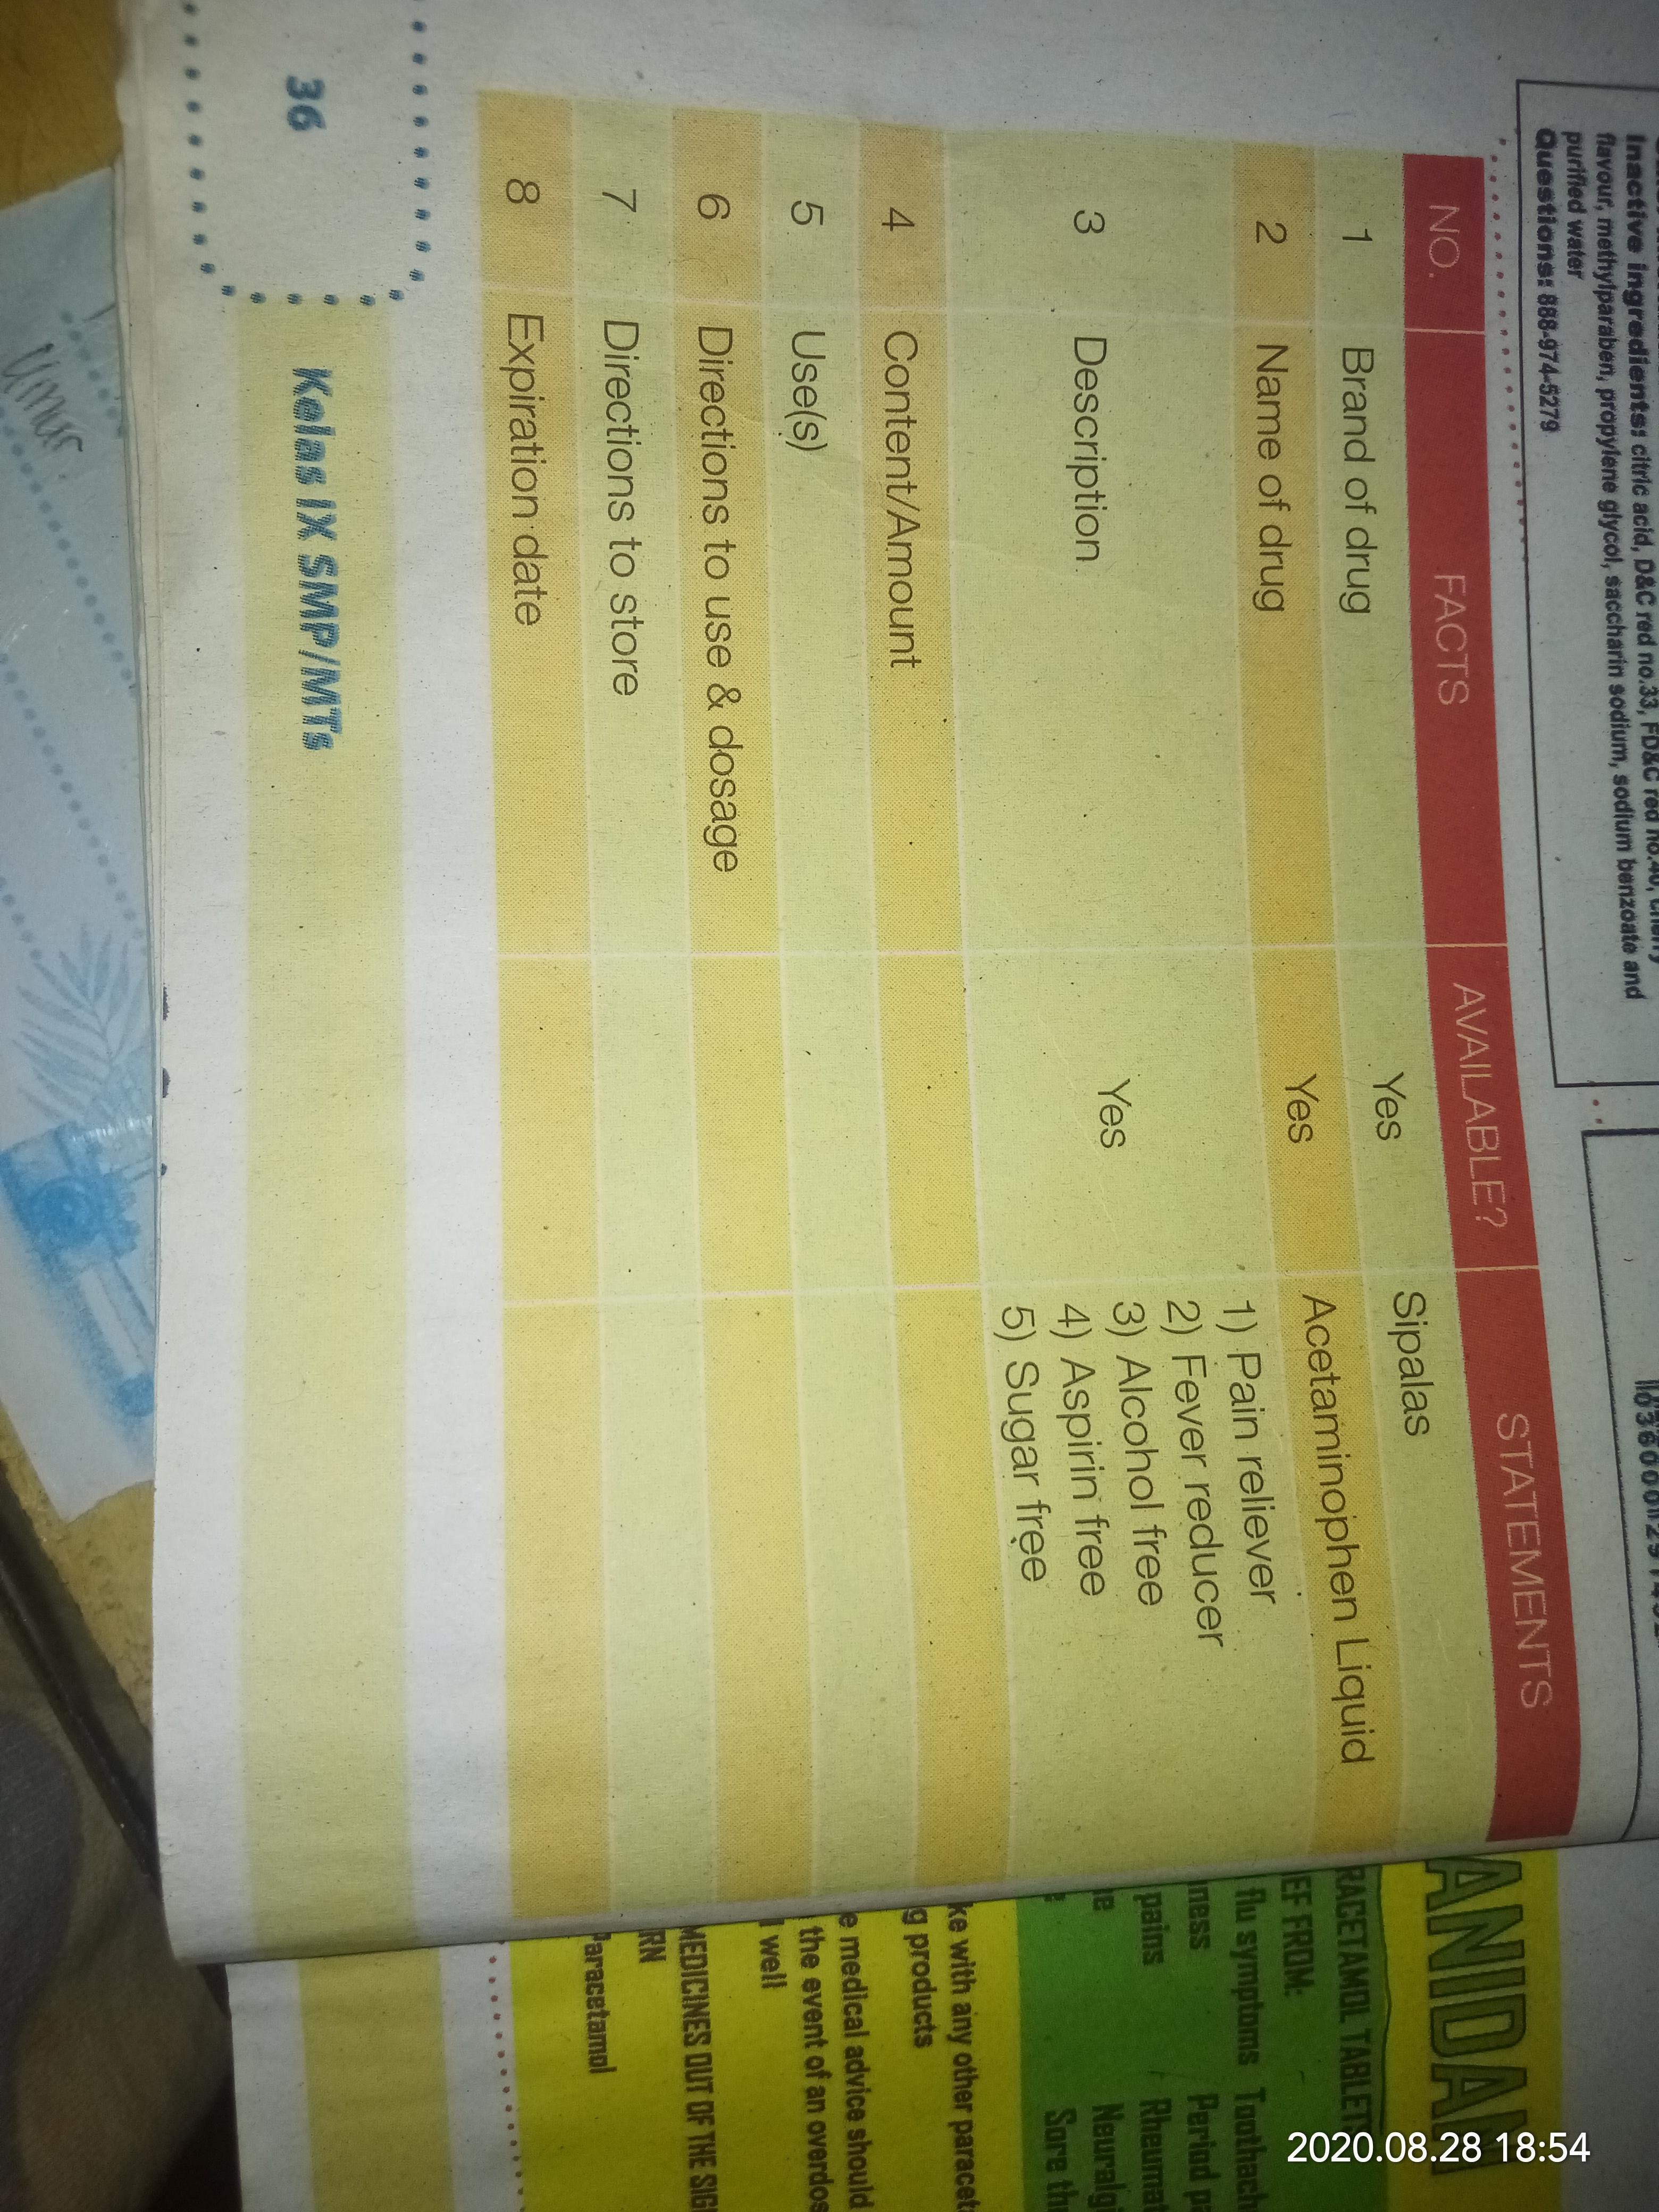 Jawab Pertanyaan Buku Paket Bahasa Inggris Kelas 9 Halaman 36 Brainly Co Id